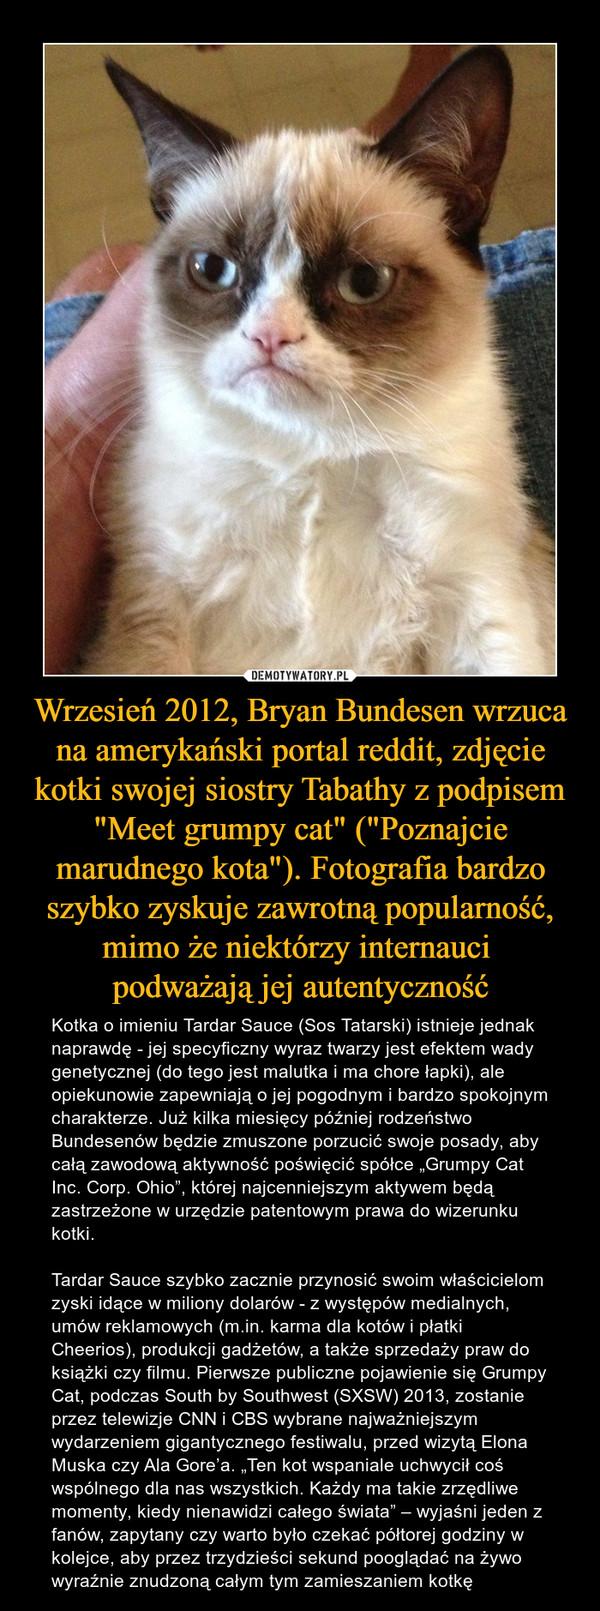 """Wrzesień 2012, Bryan Bundesen wrzuca na amerykański portal reddit, zdjęcie kotki swojej siostry Tabathy z podpisem """"Meet grumpy cat"""" (""""Poznajcie marudnego kota""""). Fotografia bardzo szybko zyskuje zawrotną popularność, mimo że niektórzy internauci podważają jej autentyczność – Kotka o imieniu Tardar Sauce (Sos Tatarski) istnieje jednak naprawdę - jej specyficzny wyraz twarzy jest efektem wady genetycznej (do tego jest malutka i ma chore łapki), ale opiekunowie zapewniają o jej pogodnym i bardzo spokojnym charakterze. Już kilka miesięcy później rodzeństwo Bundesenów będzie zmuszone porzucić swoje posady, aby całą zawodową aktywność poświęcić spółce """"Grumpy Cat Inc. Corp. Ohio"""", której najcenniejszym aktywem będą zastrzeżone w urzędzie patentowym prawa do wizerunku kotki. Tardar Sauce szybko zacznie przynosić swoim właścicielom zyski idące w miliony dolarów - z występów medialnych, umów reklamowych (m.in. karma dla kotów i płatki Cheerios), produkcji gadżetów, a także sprzedaży praw do książki czy filmu. Pierwsze publiczne pojawienie się Grumpy Cat, podczas South by Southwest (SXSW) 2013, zostanie przez telewizje CNN i CBS wybrane najważniejszym wydarzeniem gigantycznego festiwalu, przed wizytą Elona Muska czy Ala Gore'a. """"Ten kot wspaniale uchwycił coś wspólnego dla nas wszystkich. Każdy ma takie zrzędliwe momenty, kiedy nienawidzi całego świata"""" – wyjaśni jeden z fanów, zapytany czy warto było czekać półtorej godziny w kolejce, aby przez trzydzieści sekund pooglądać na żywo wyraźnie znudzoną całym tym zamieszaniem kotkę"""